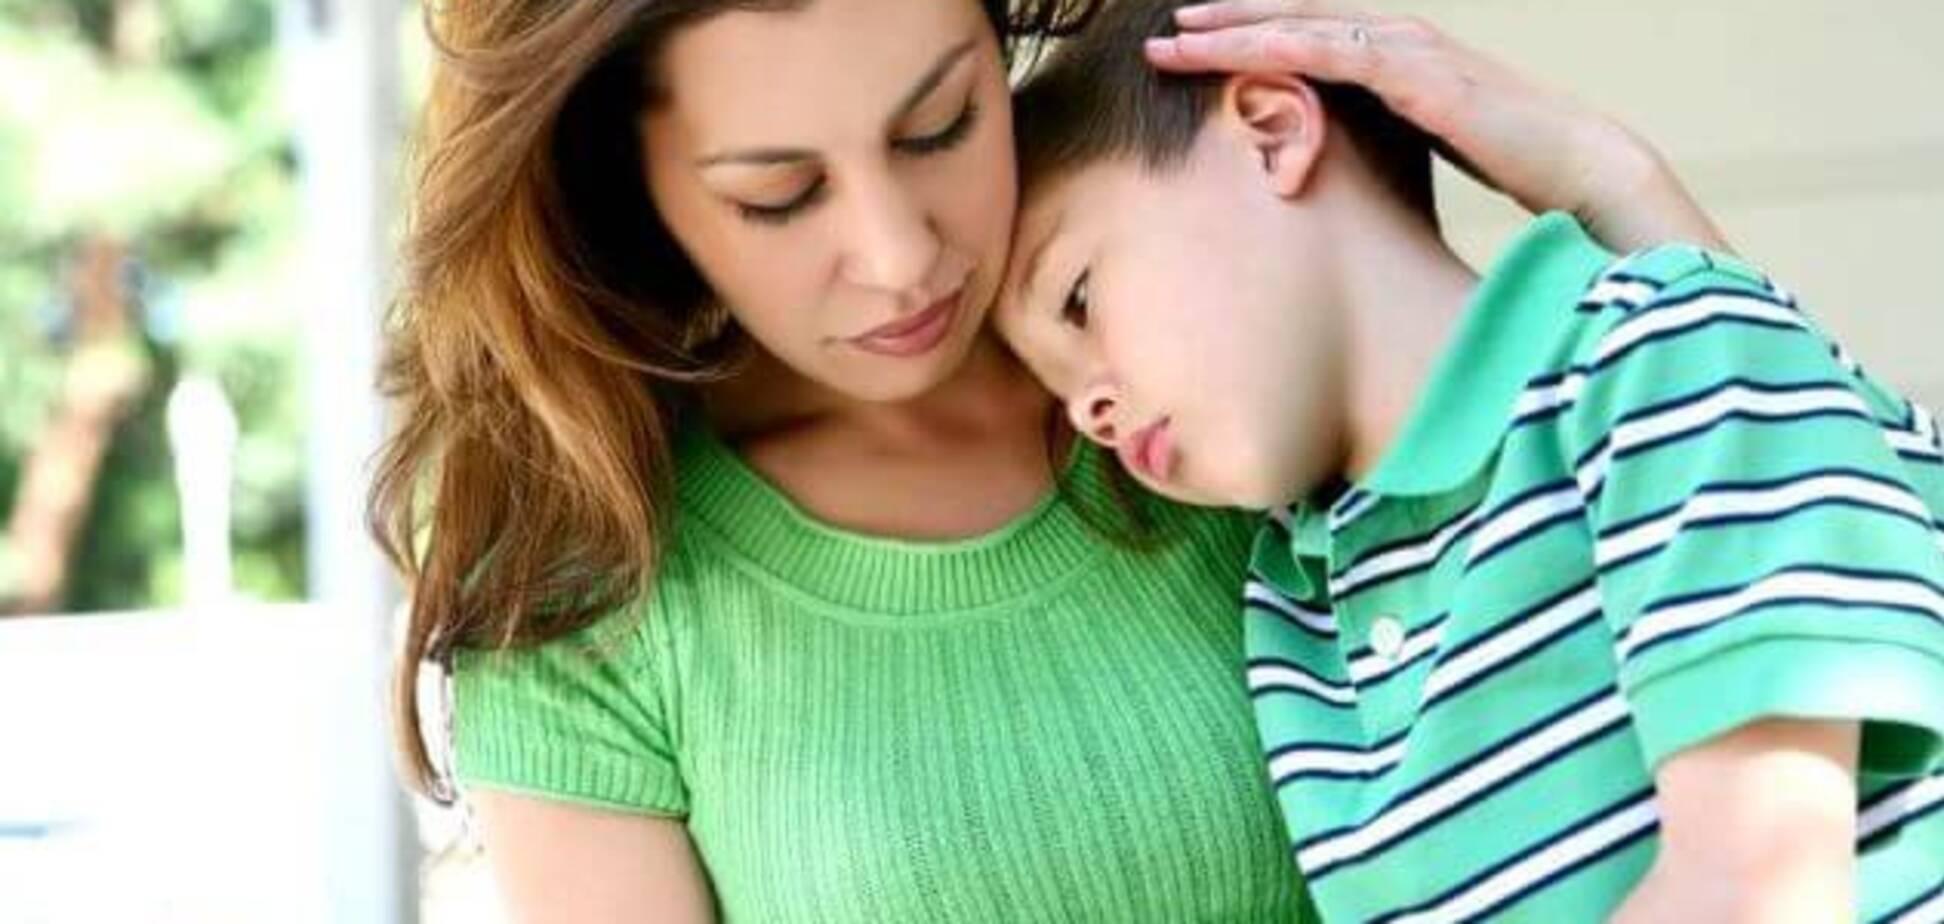 Детская эпилепсия: что нужно знать родителям